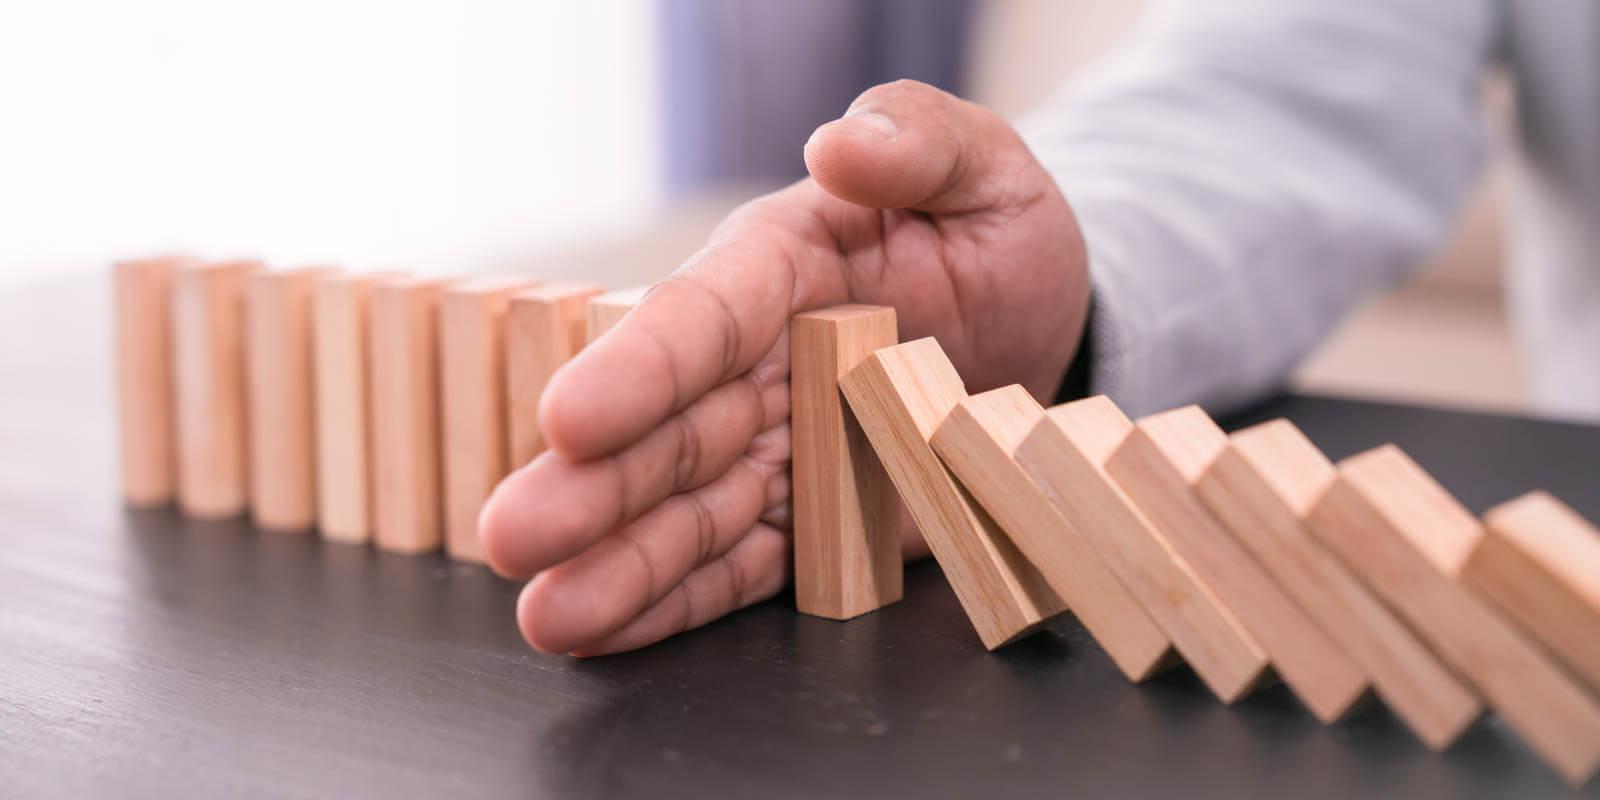 Eine Hand hält fallende Dominosteine auf